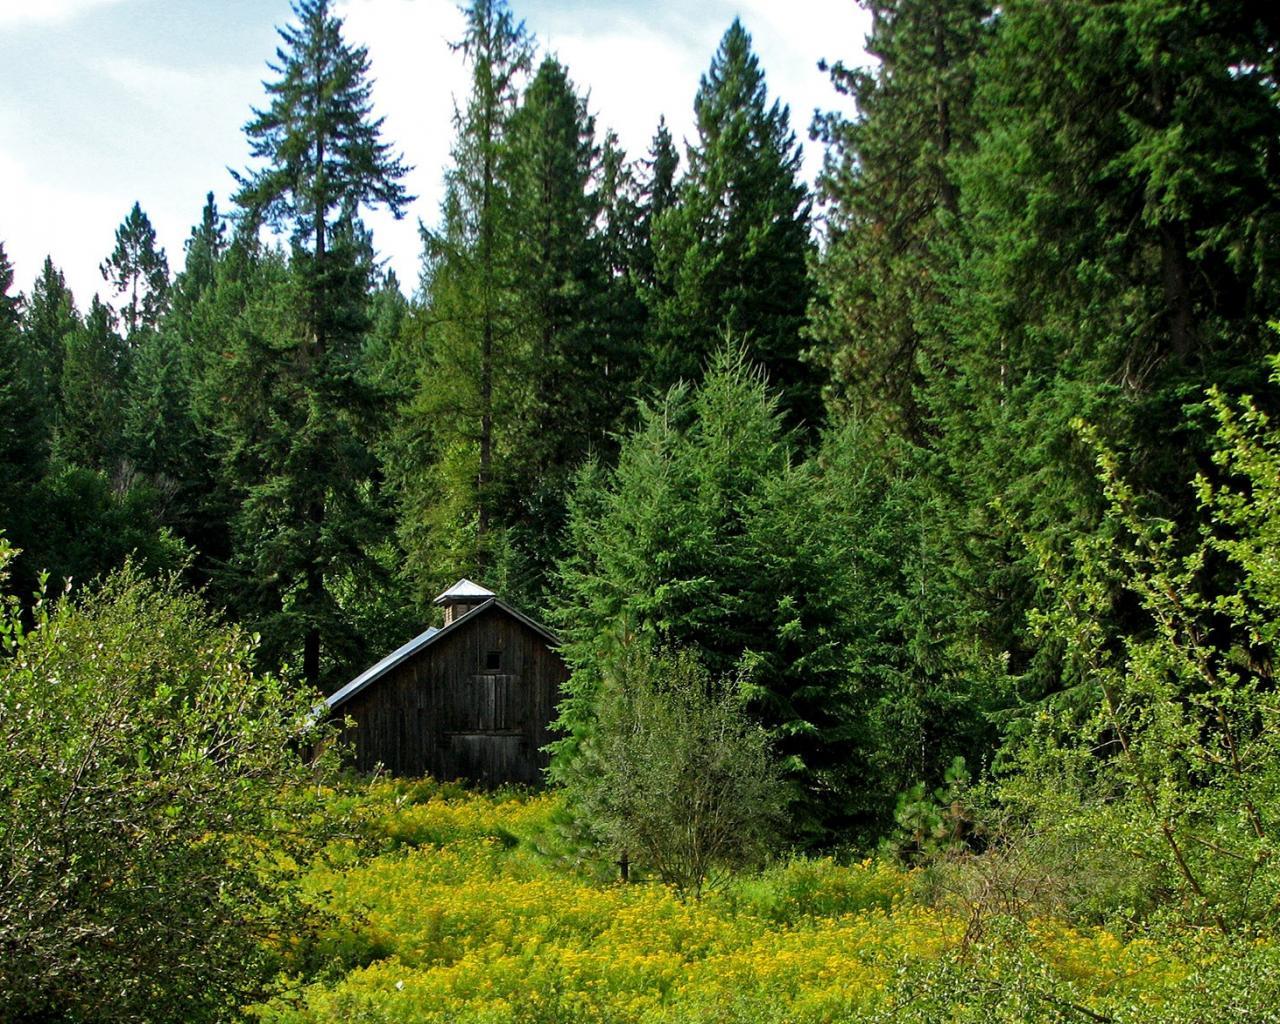 Дом в лесу скачать бесплатно обои для